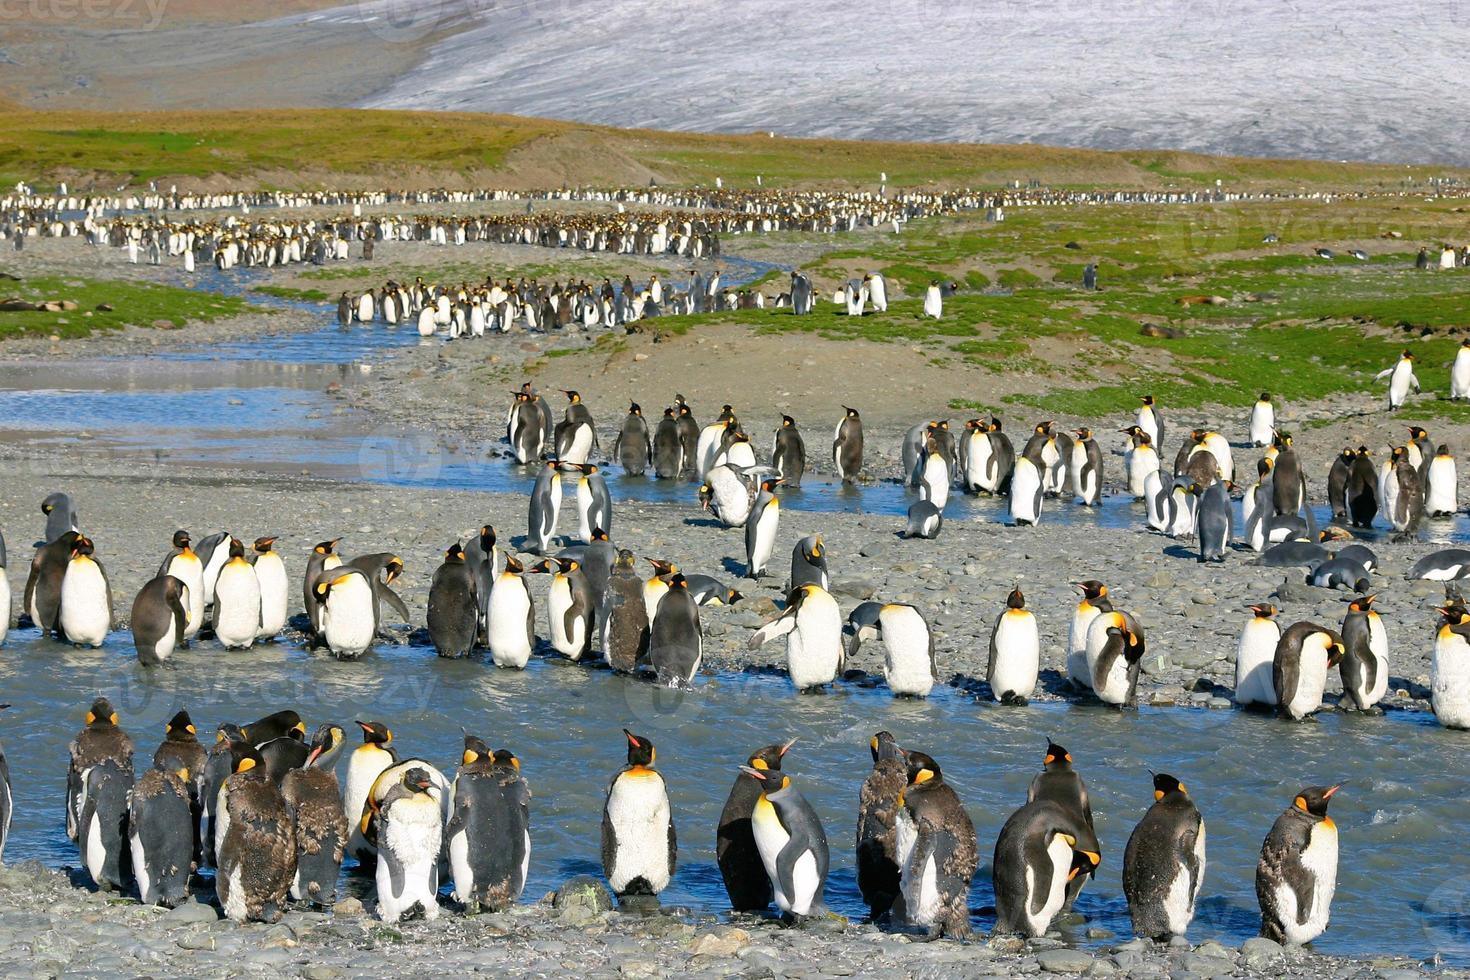 jovem rei pinguins foto